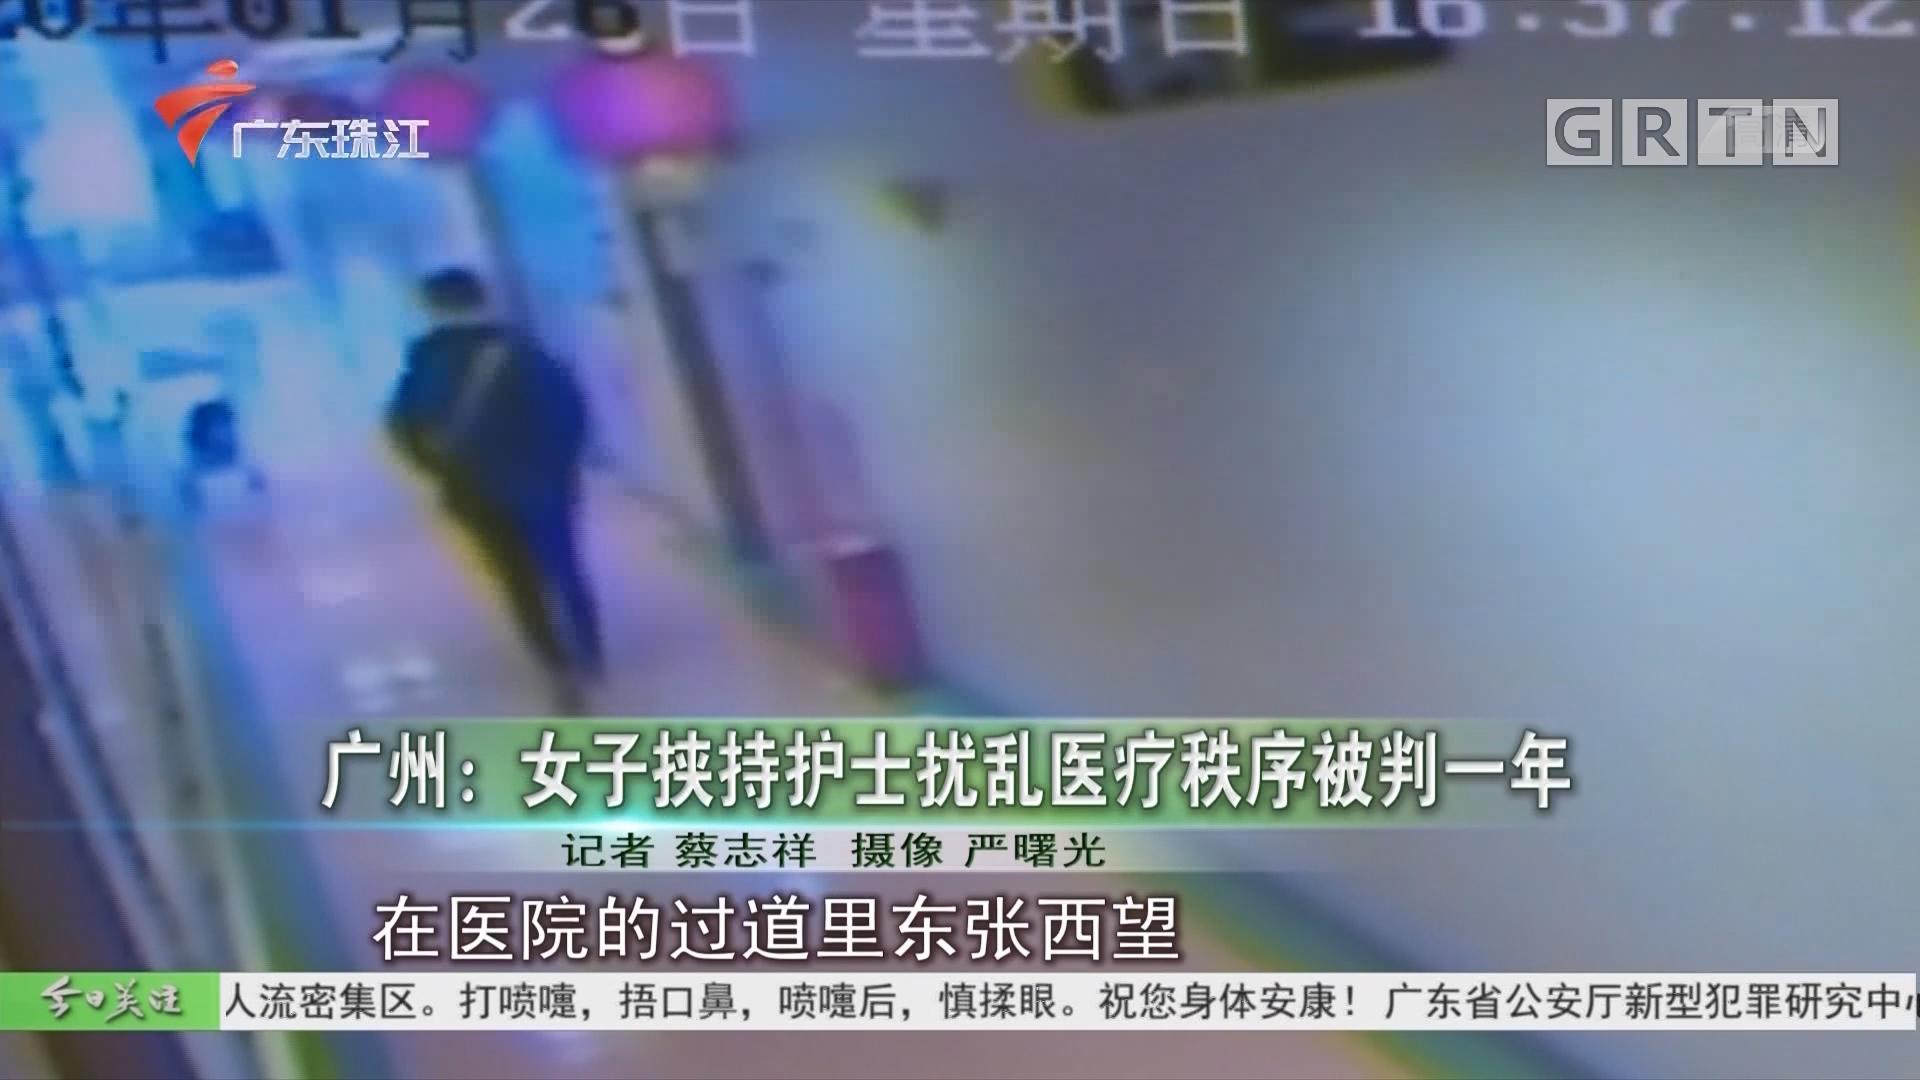 广州:女子挟持护士扰乱医疗秩序被判一年